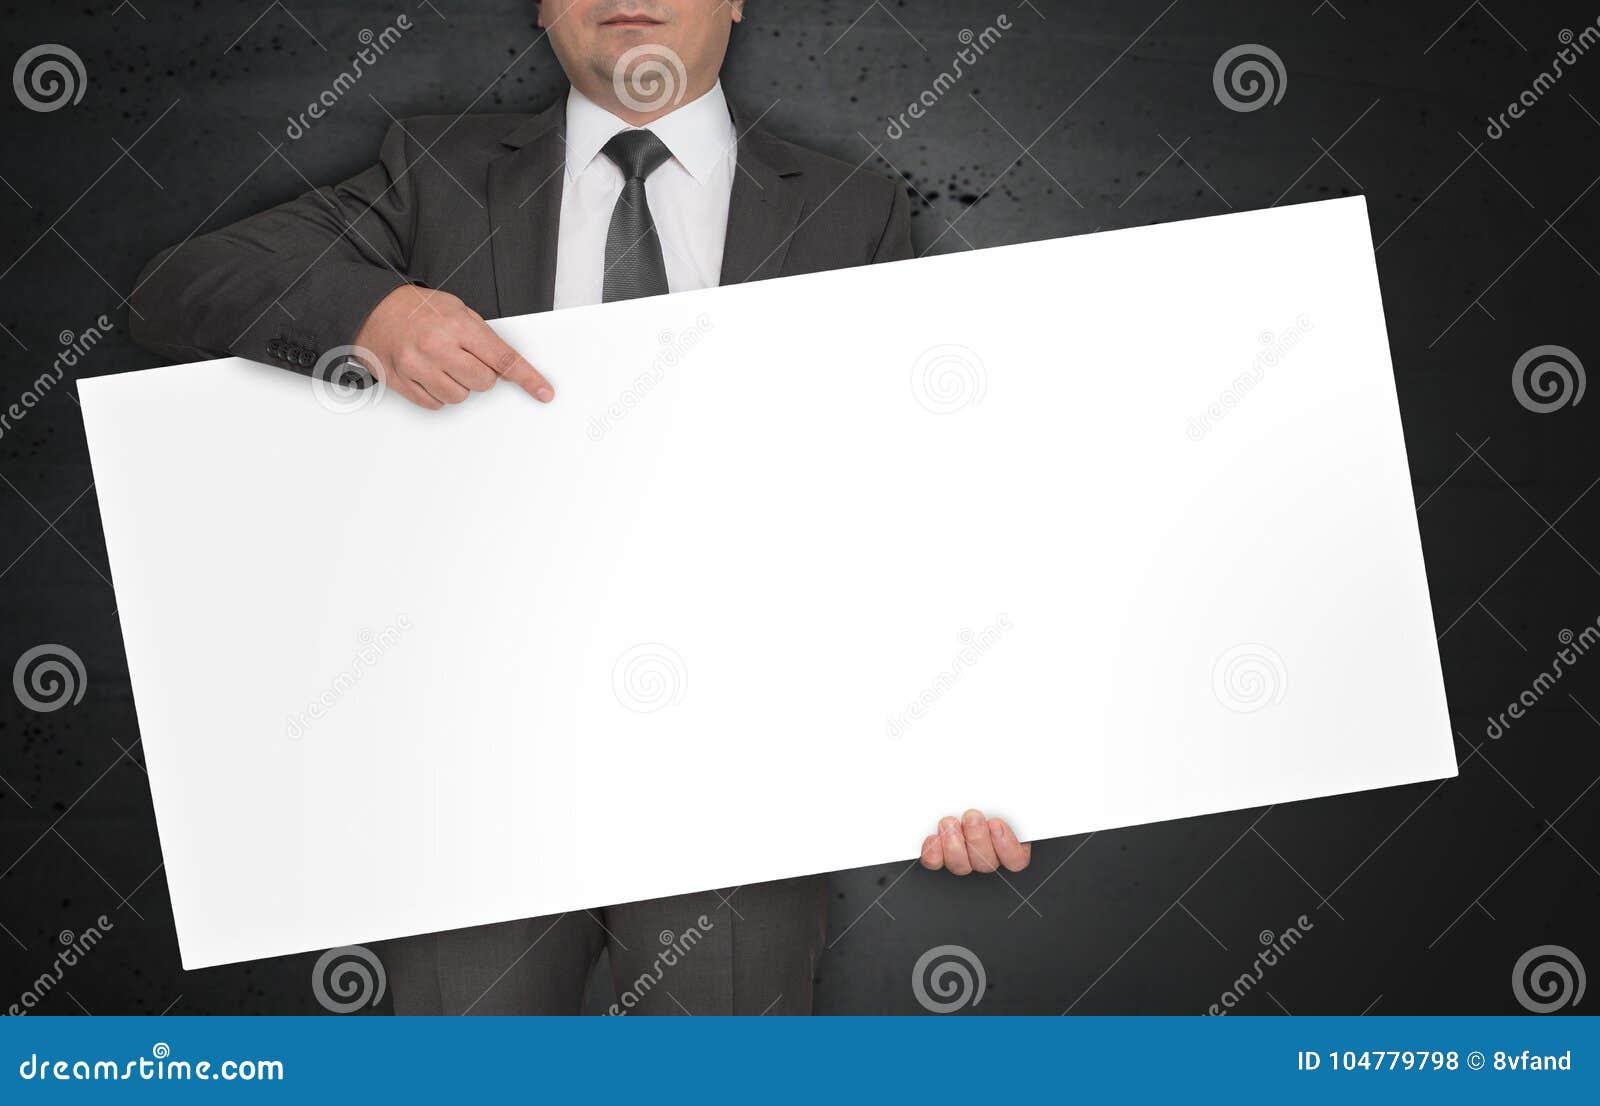 De lege affiche wordt gehouden door zakenman